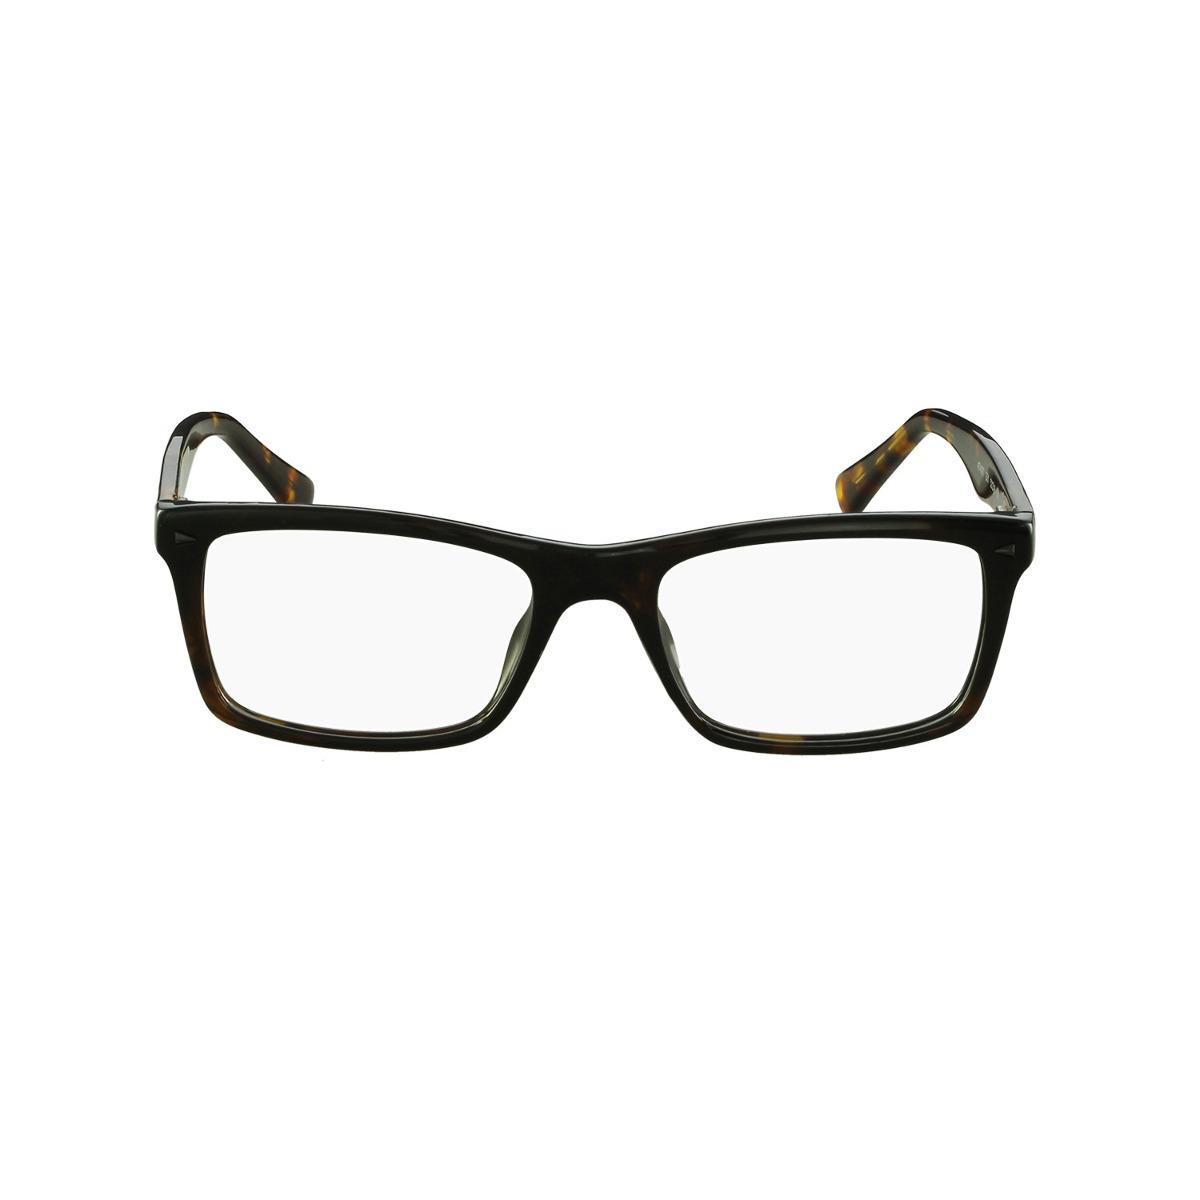 Óculos De Grau Atitude Casual Marrom Aat2p02163 - R  207,00 em ... 5438616523